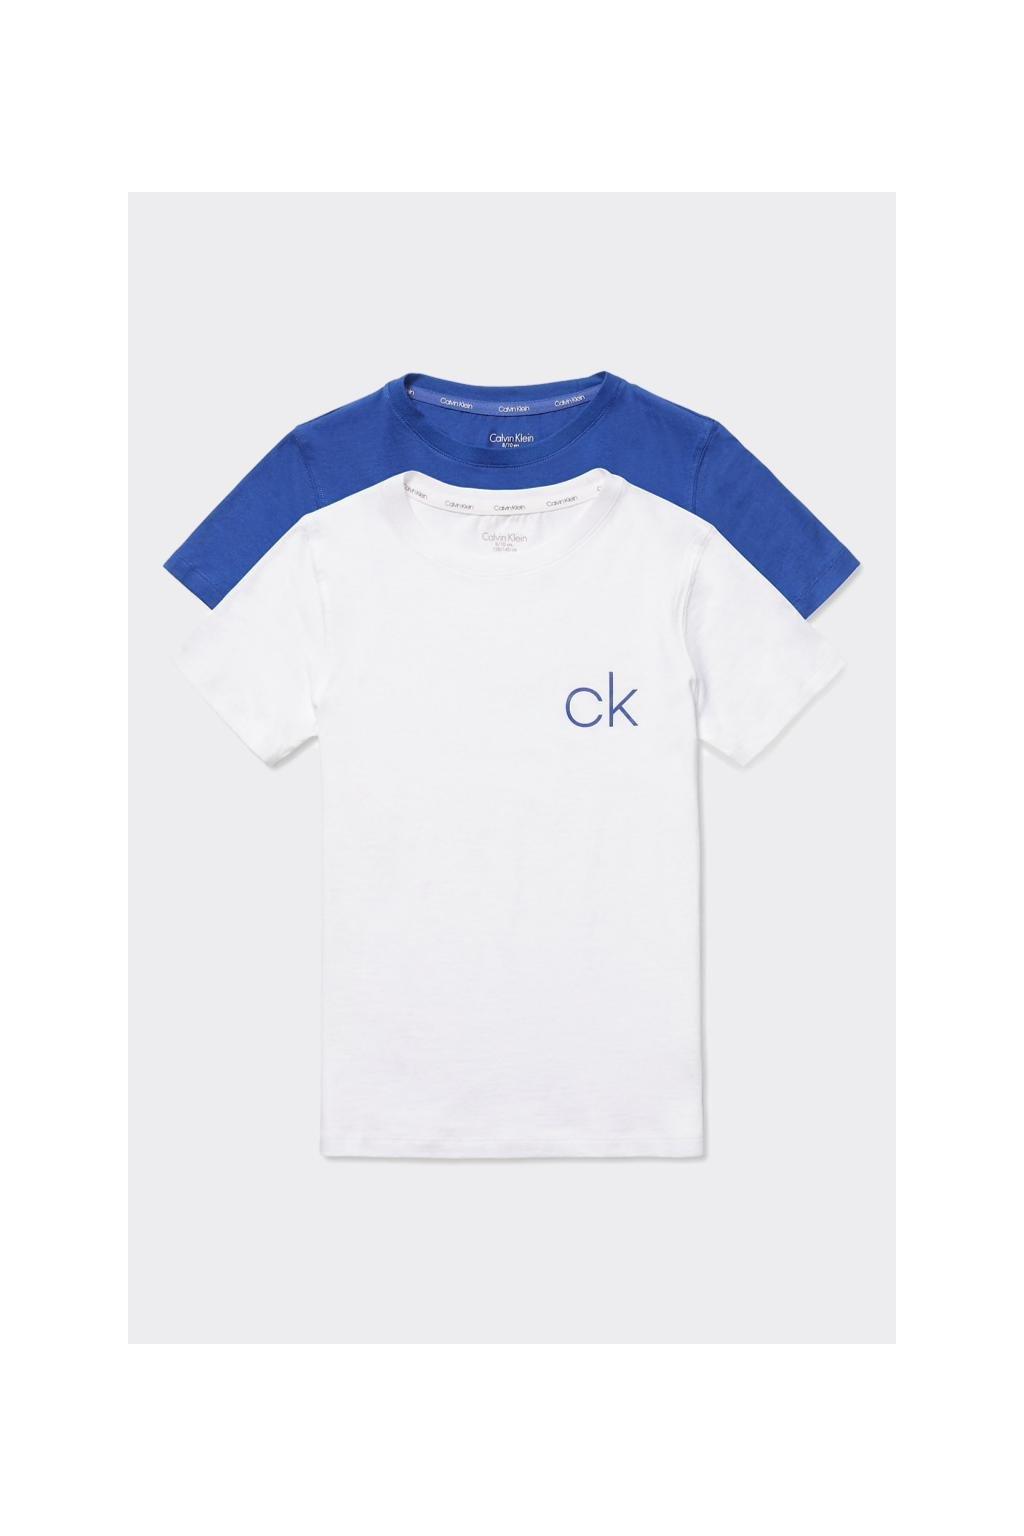 PRO DĚTI! Calvin Klein 2 balení triček BOYS - bílá, modrá